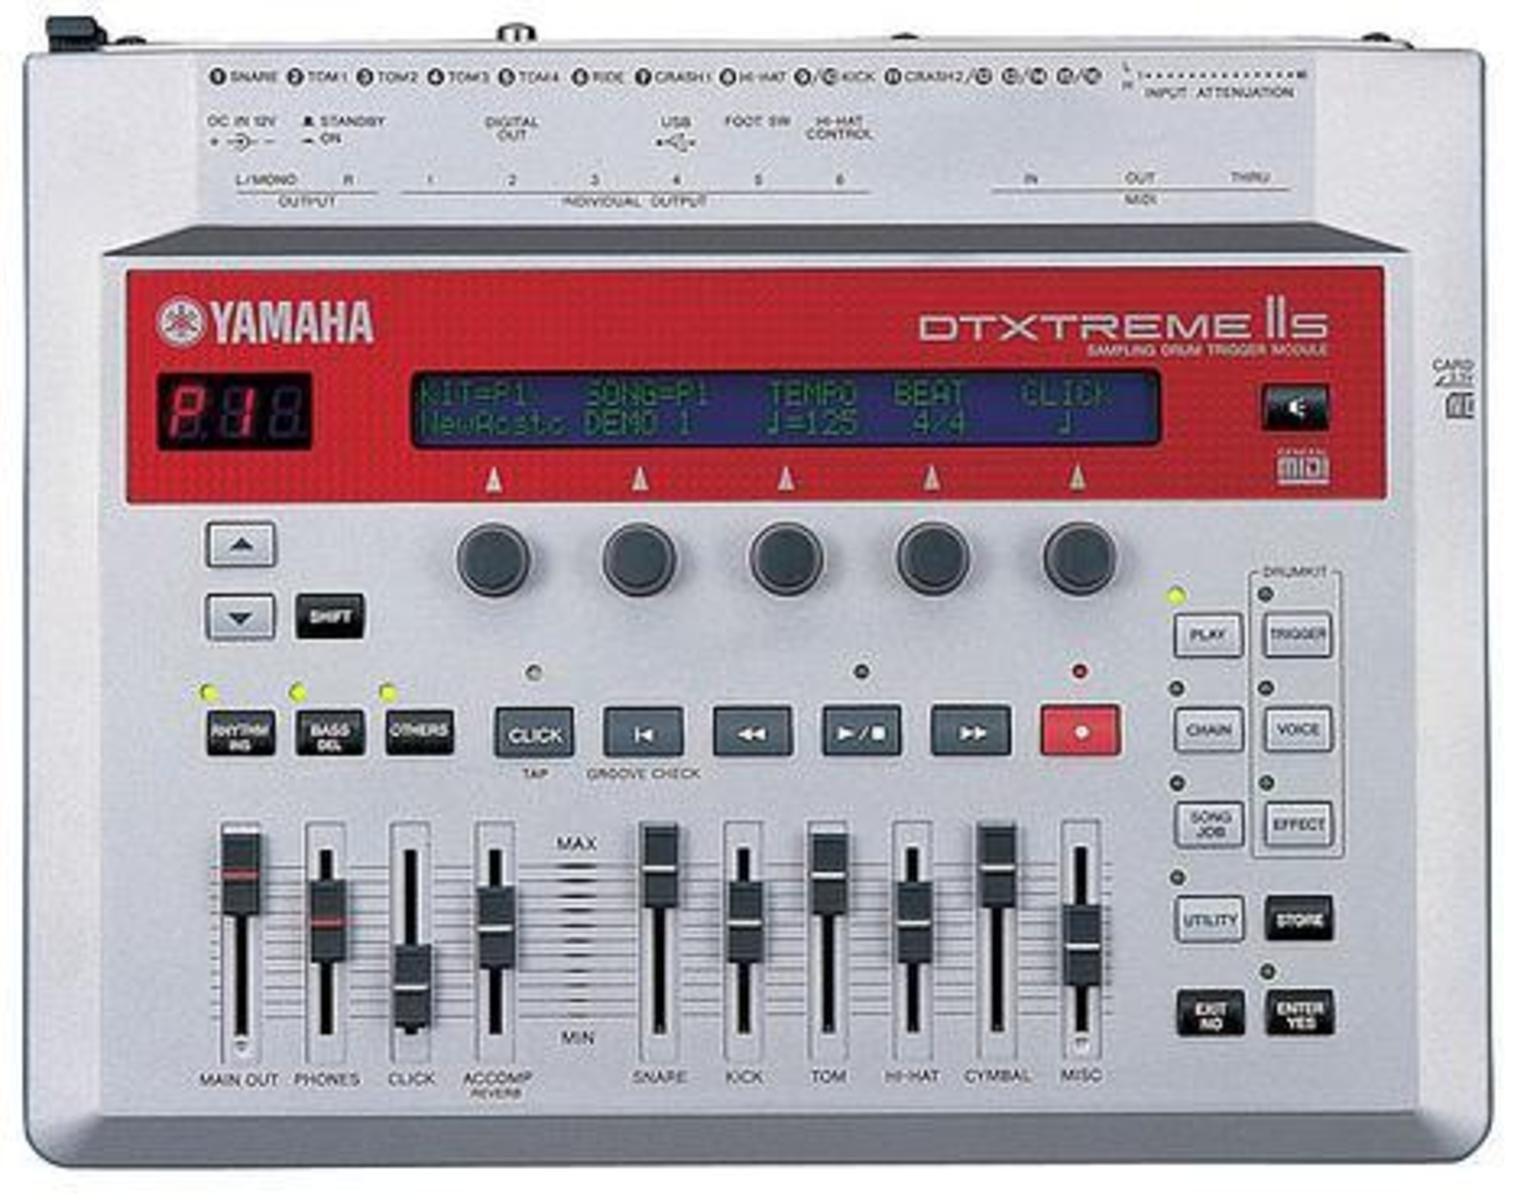 Yamaha dtxtreme ii s image 11470 audiofanzine for Yamaha dtxpress review